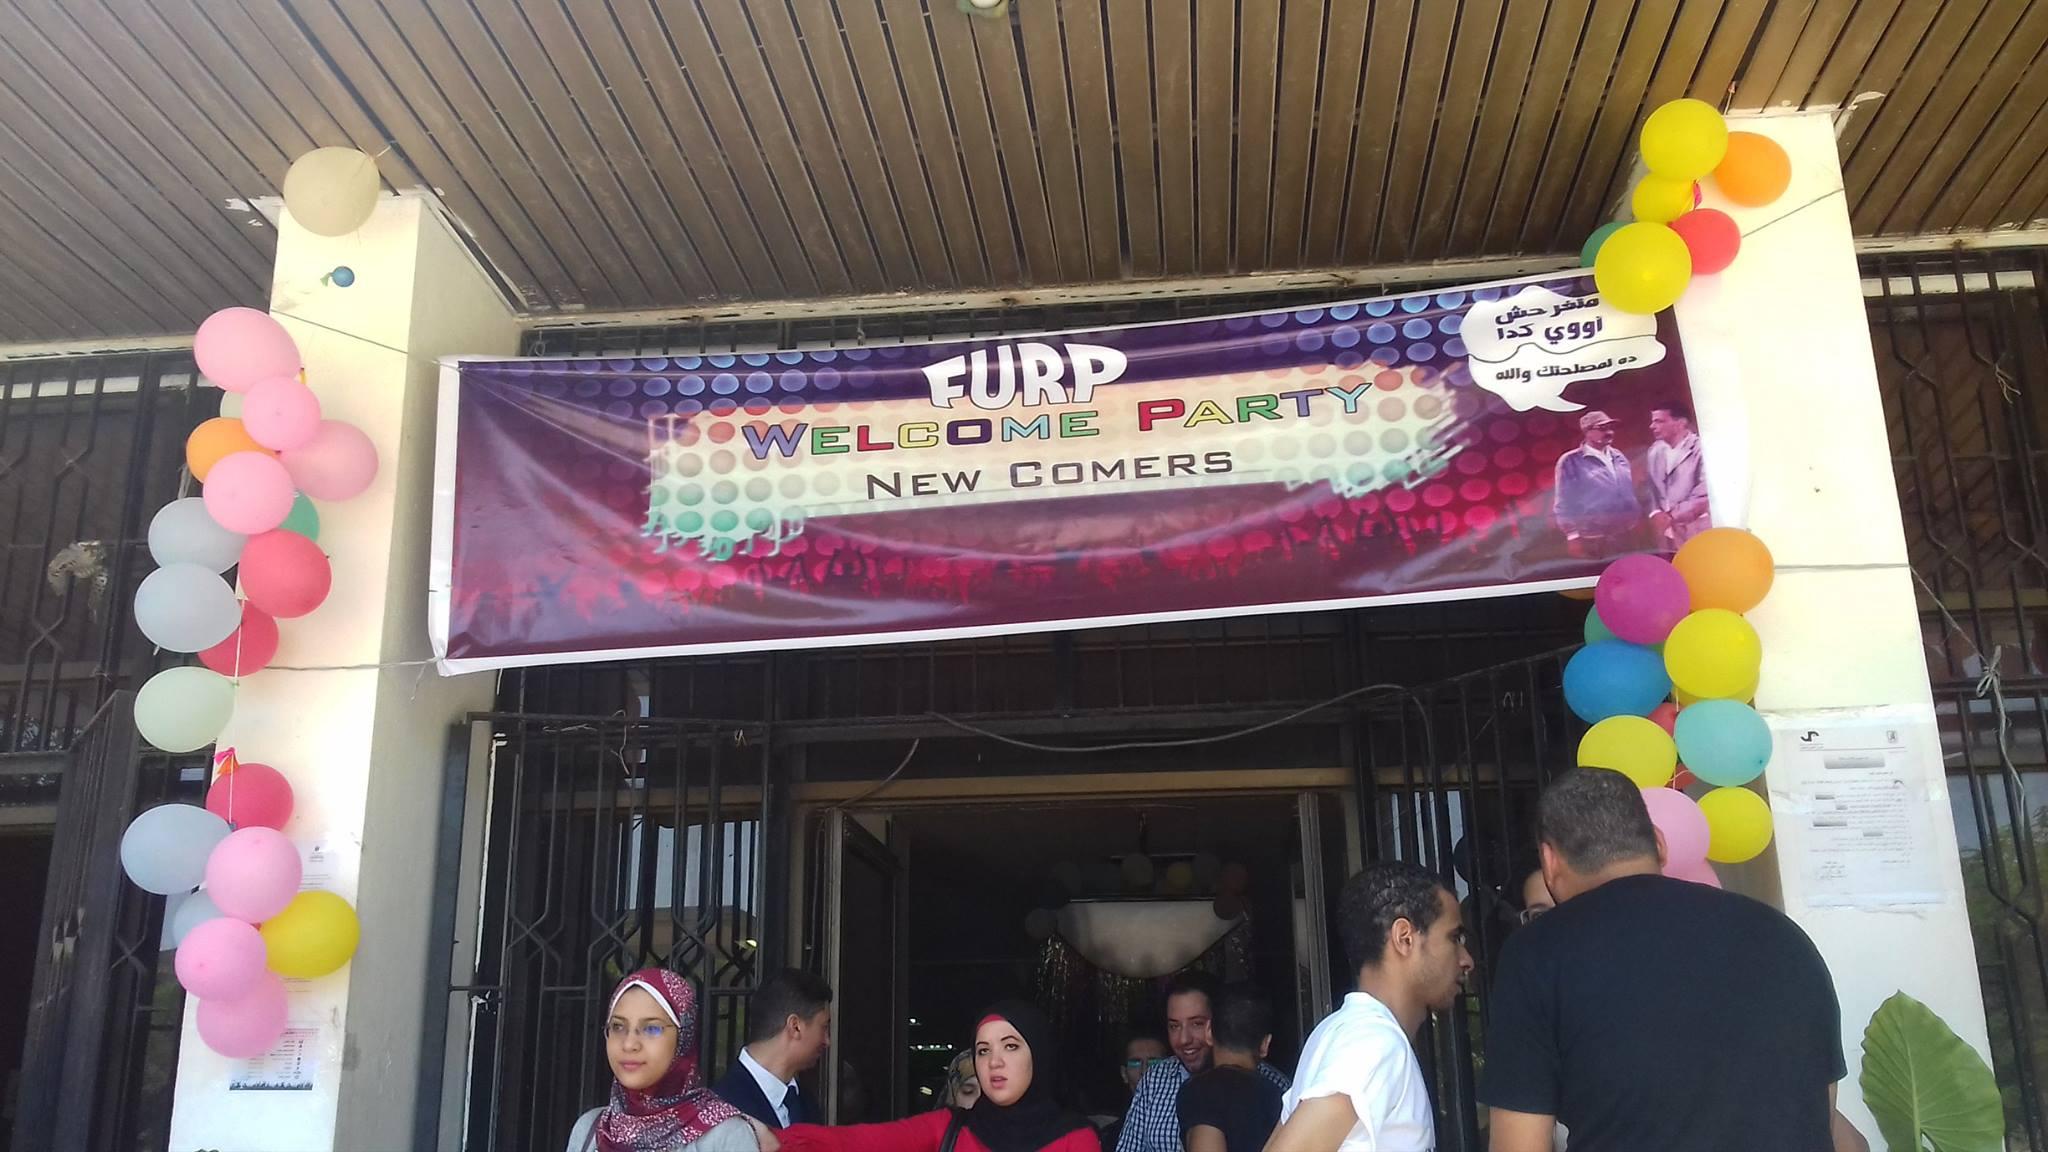 اتحاد طلاب تخطيط القاهرة يقيم مسابقة ومسرح للمستجدين